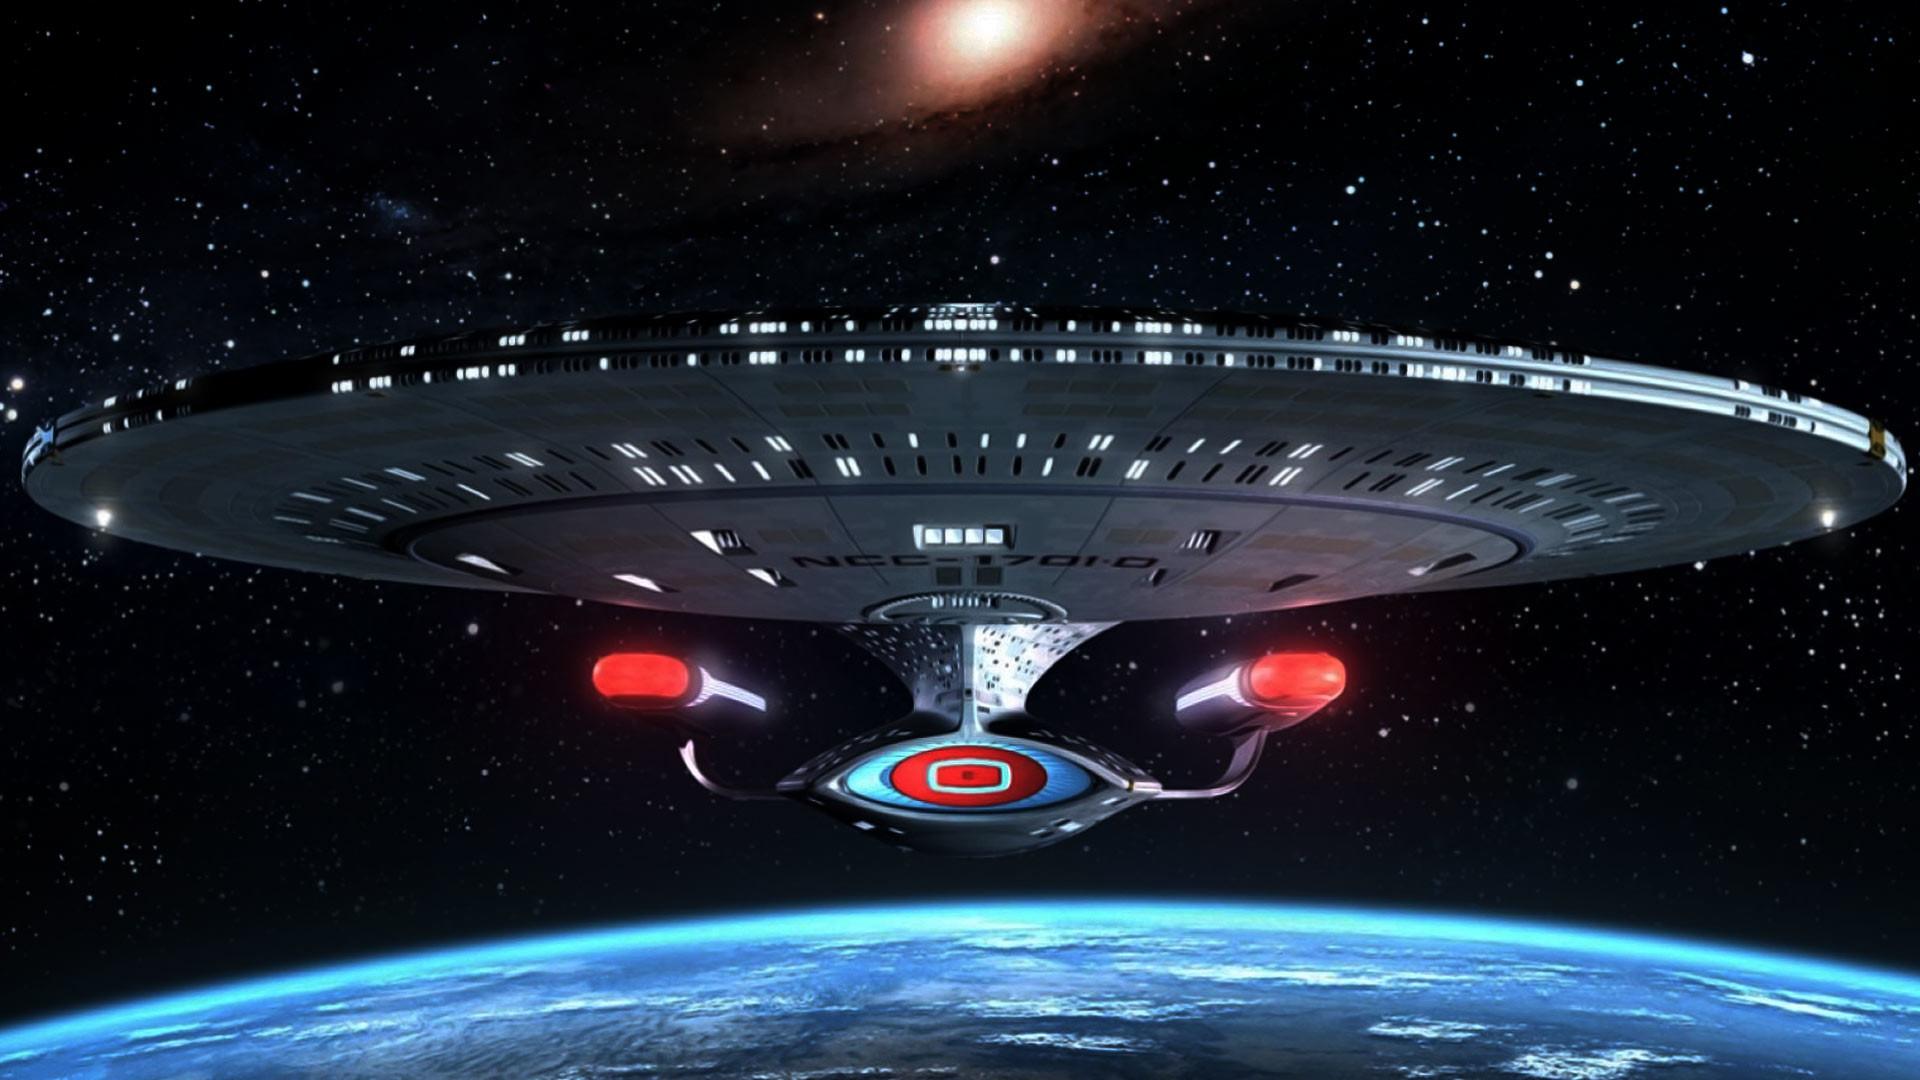 Science-Fiction – Star Trek Wallpaper